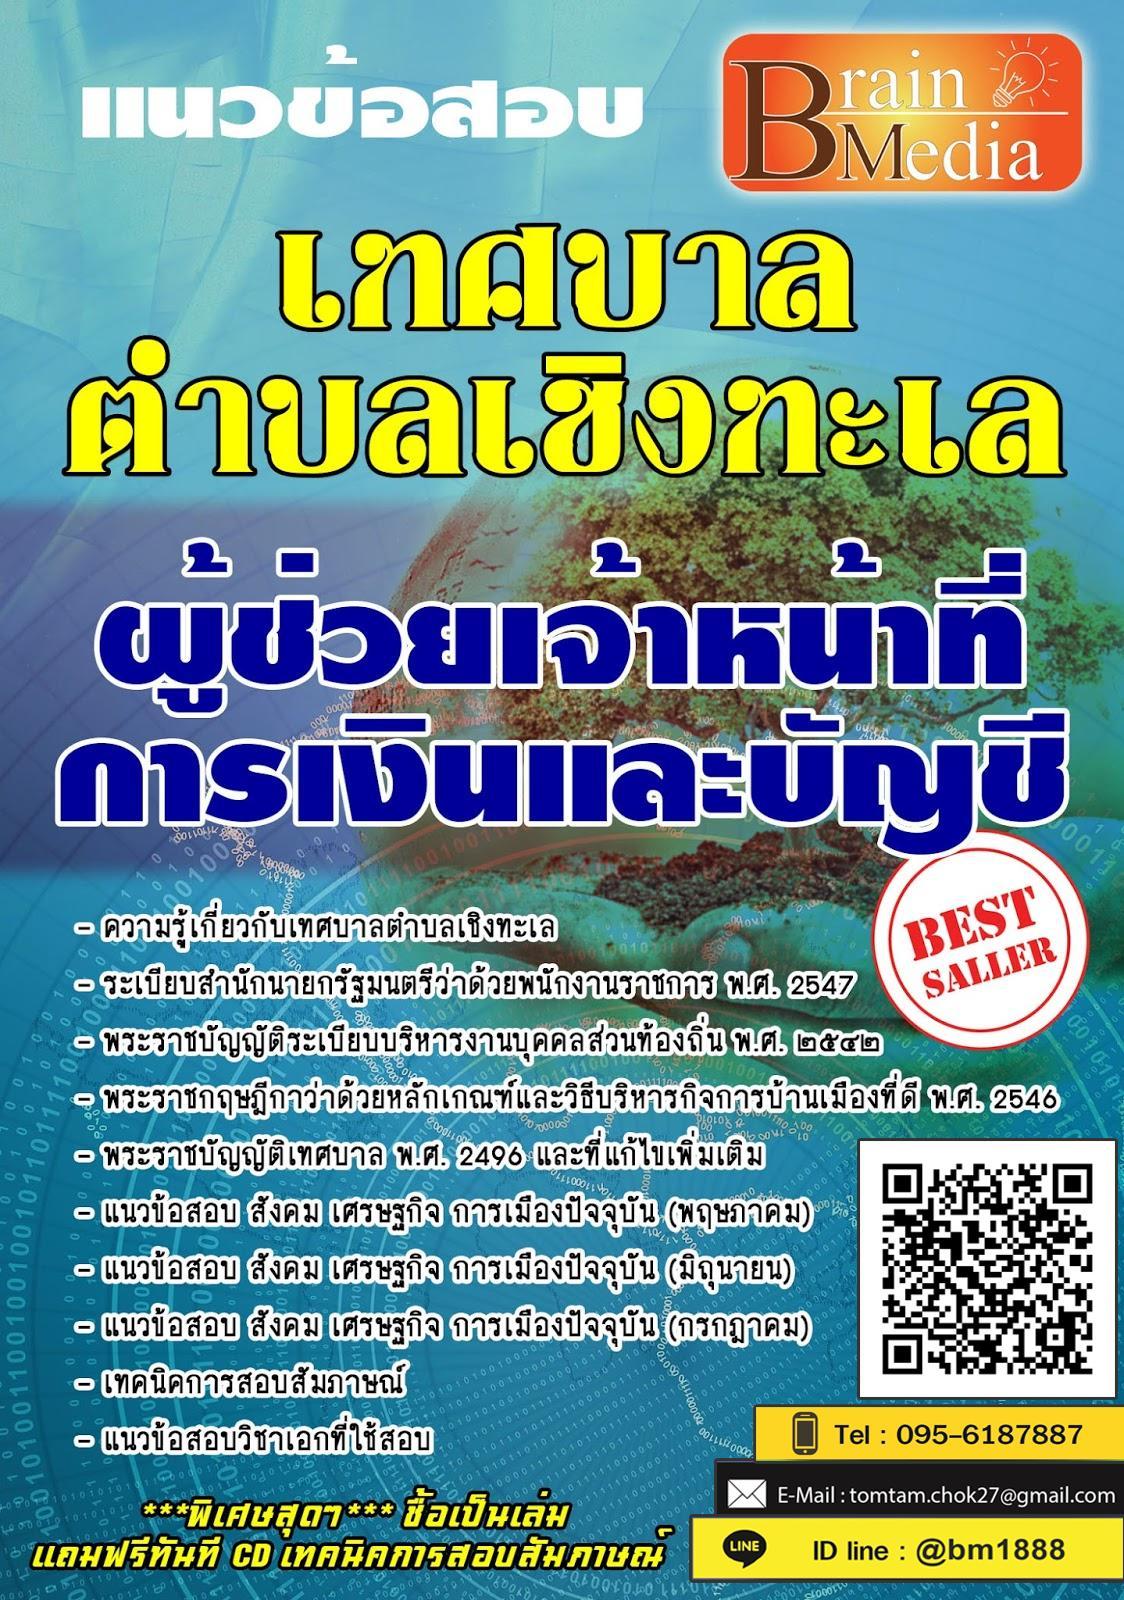 แนวข้อสอบ(งานราชการ) ผู้ช่วยเจ้าหน้าที่การเงินและบัญชี เทศบาลตำบลเชิงทะเล พร้อมเฉลย